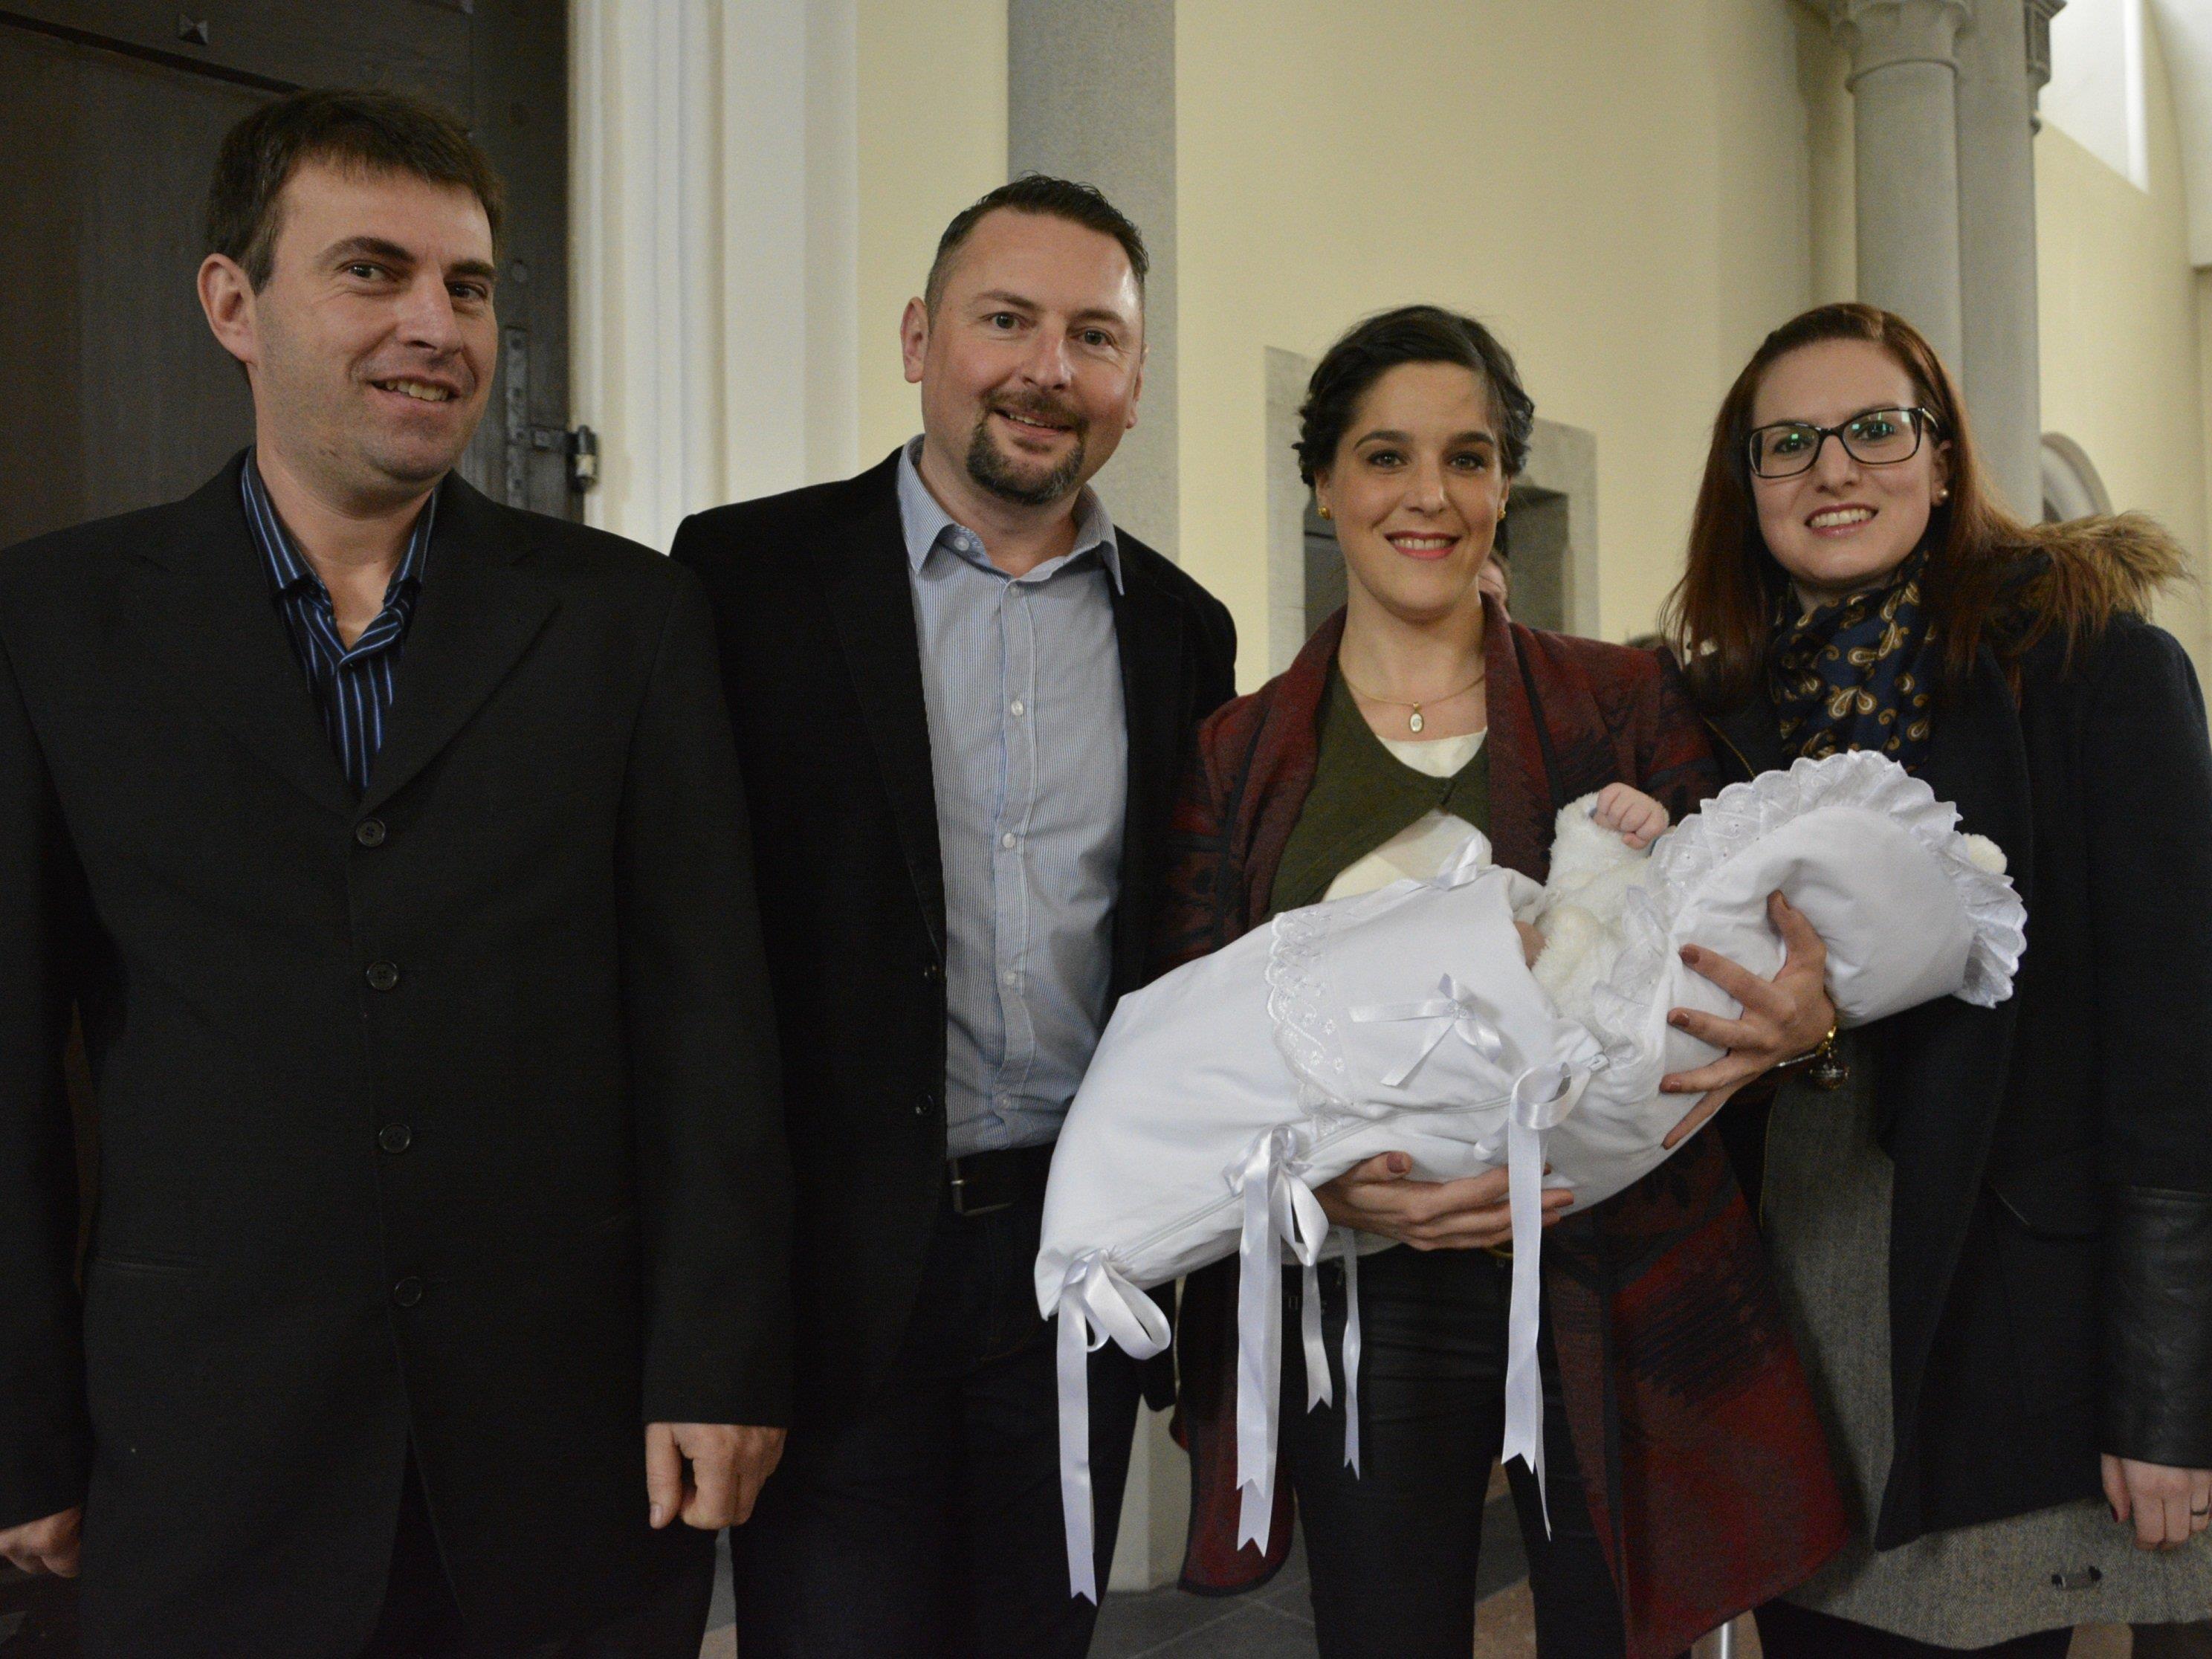 Colin, das erste Kind von Marina Mathis und Markus Meinhardt, empfing das Sakrament der Taufe.